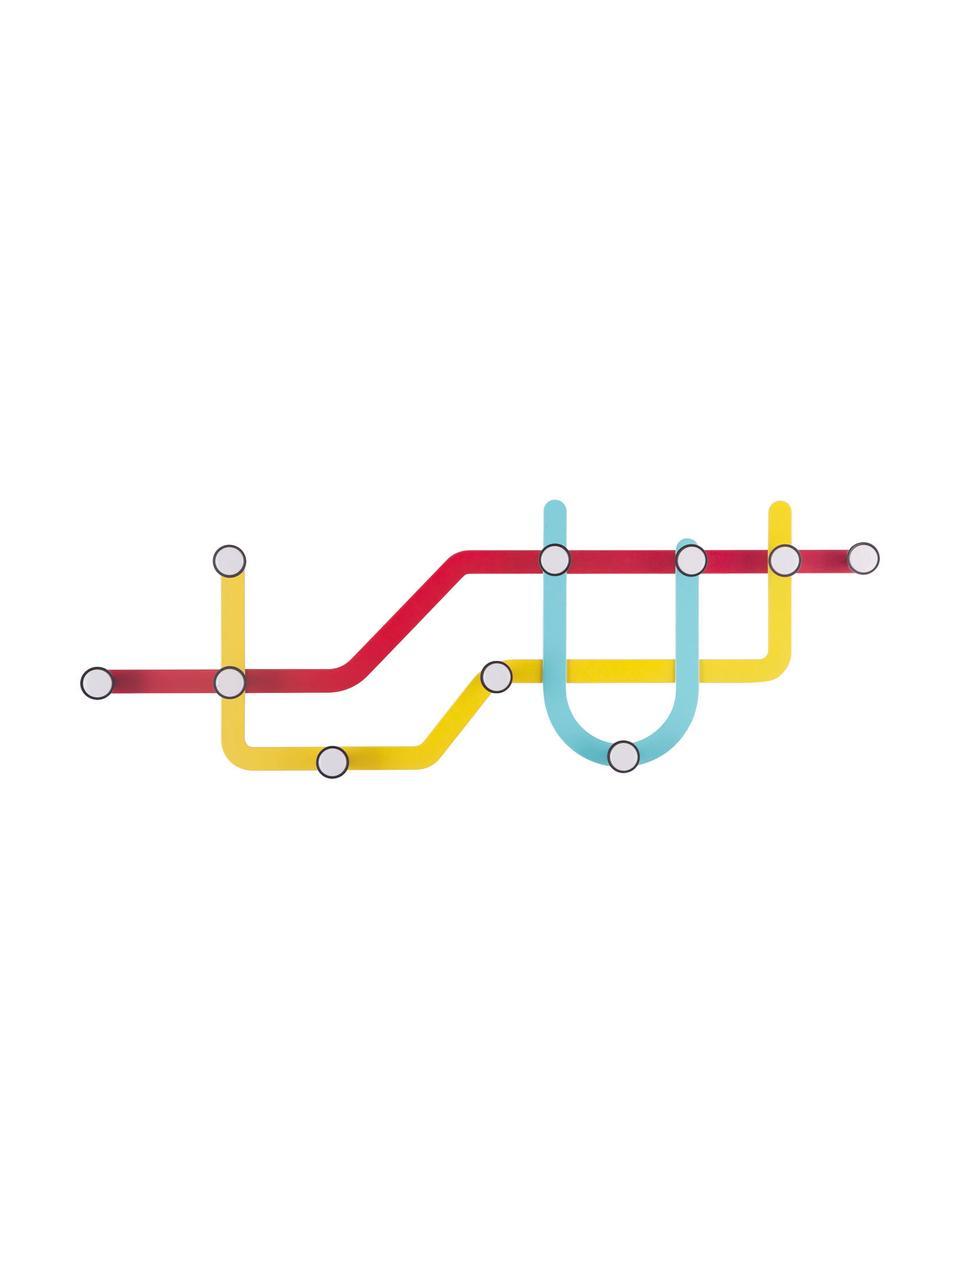 Wieszak ścienny Subway, Czerwony, żółty, jasny niebieski, S 58 x W 20 cm